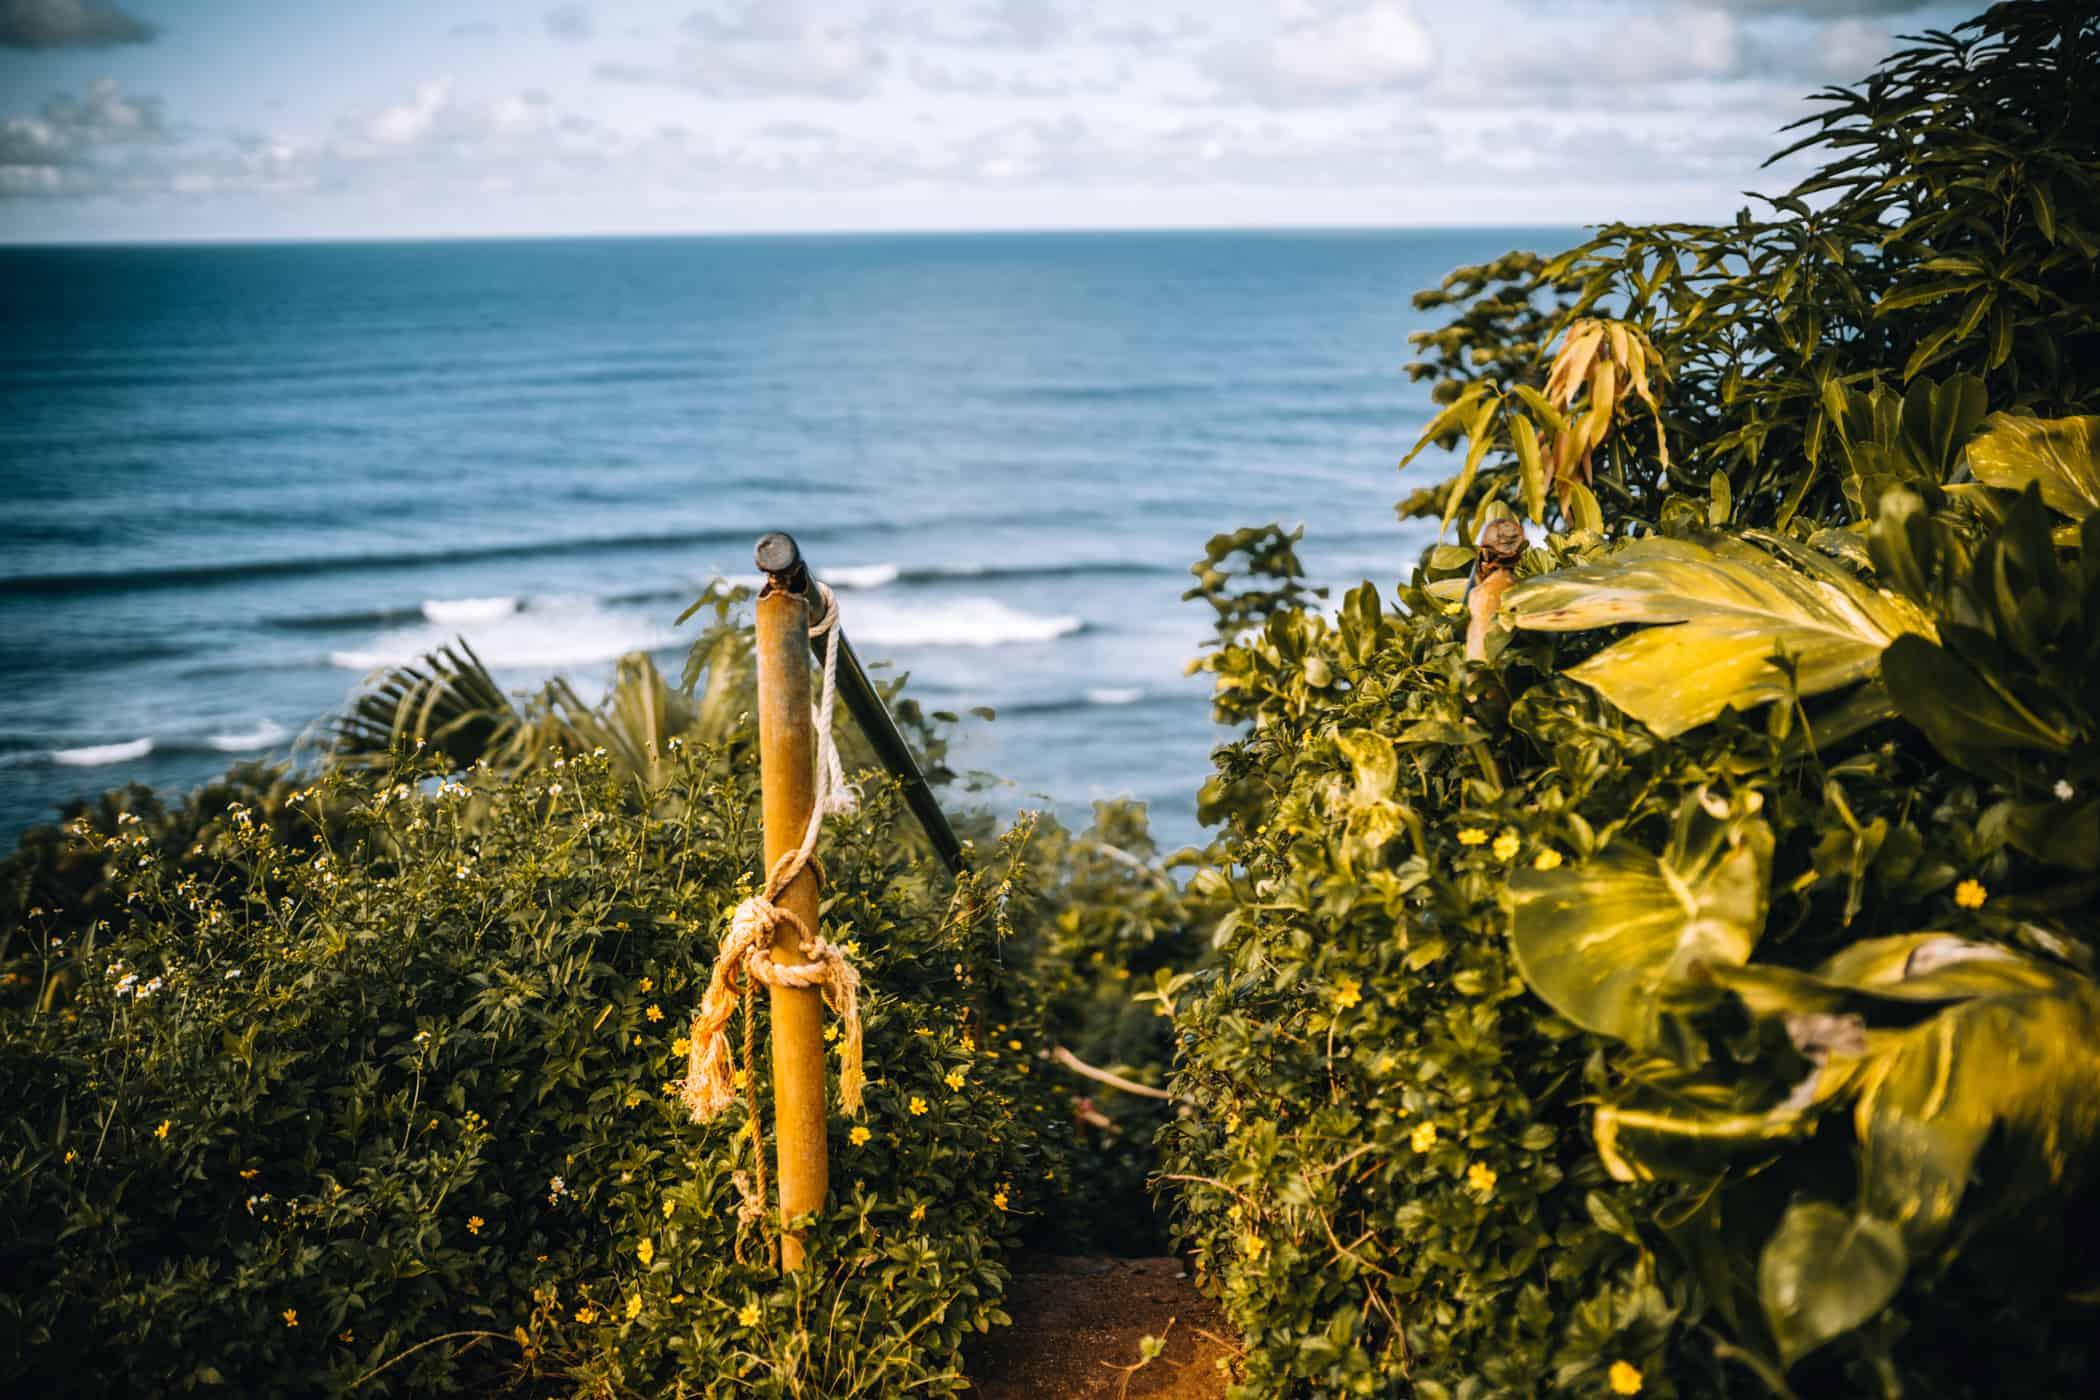 Kauai - Strände, Wandern & Ausflugsziele: Die Garteninsel von HawaiiKauai - Strände, Wandern & Ausflugsziele: Weg zum Hideaway Beach in Priceville